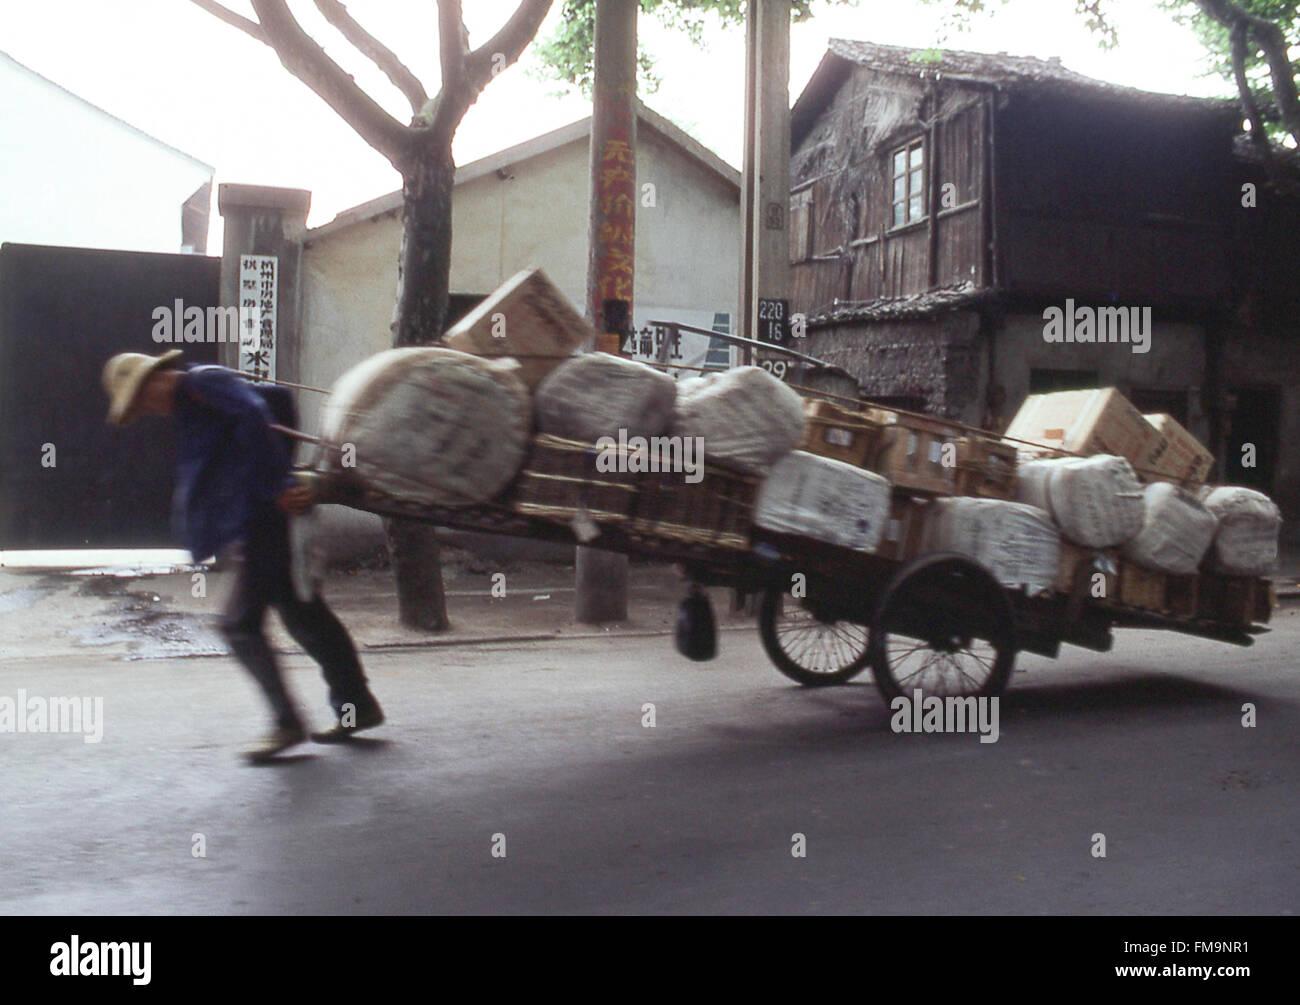 Chinesischer Mann zieht schwer beladenen Wagen entlang der Straße in China in den 1980er Jahren Stockbild